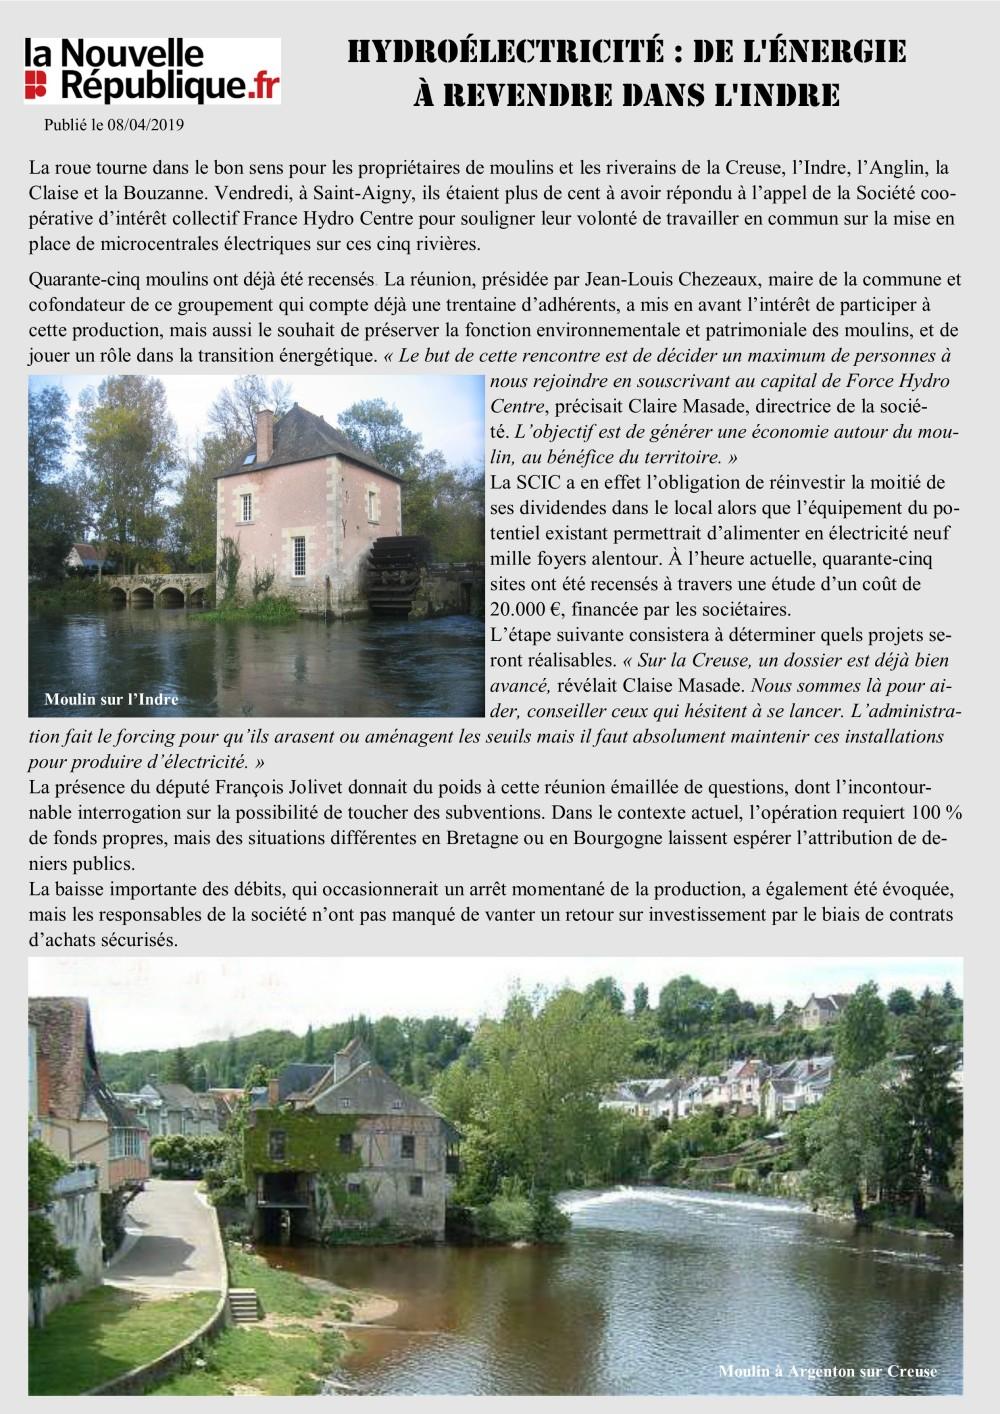 Hydroélectrcité dans l'Indre